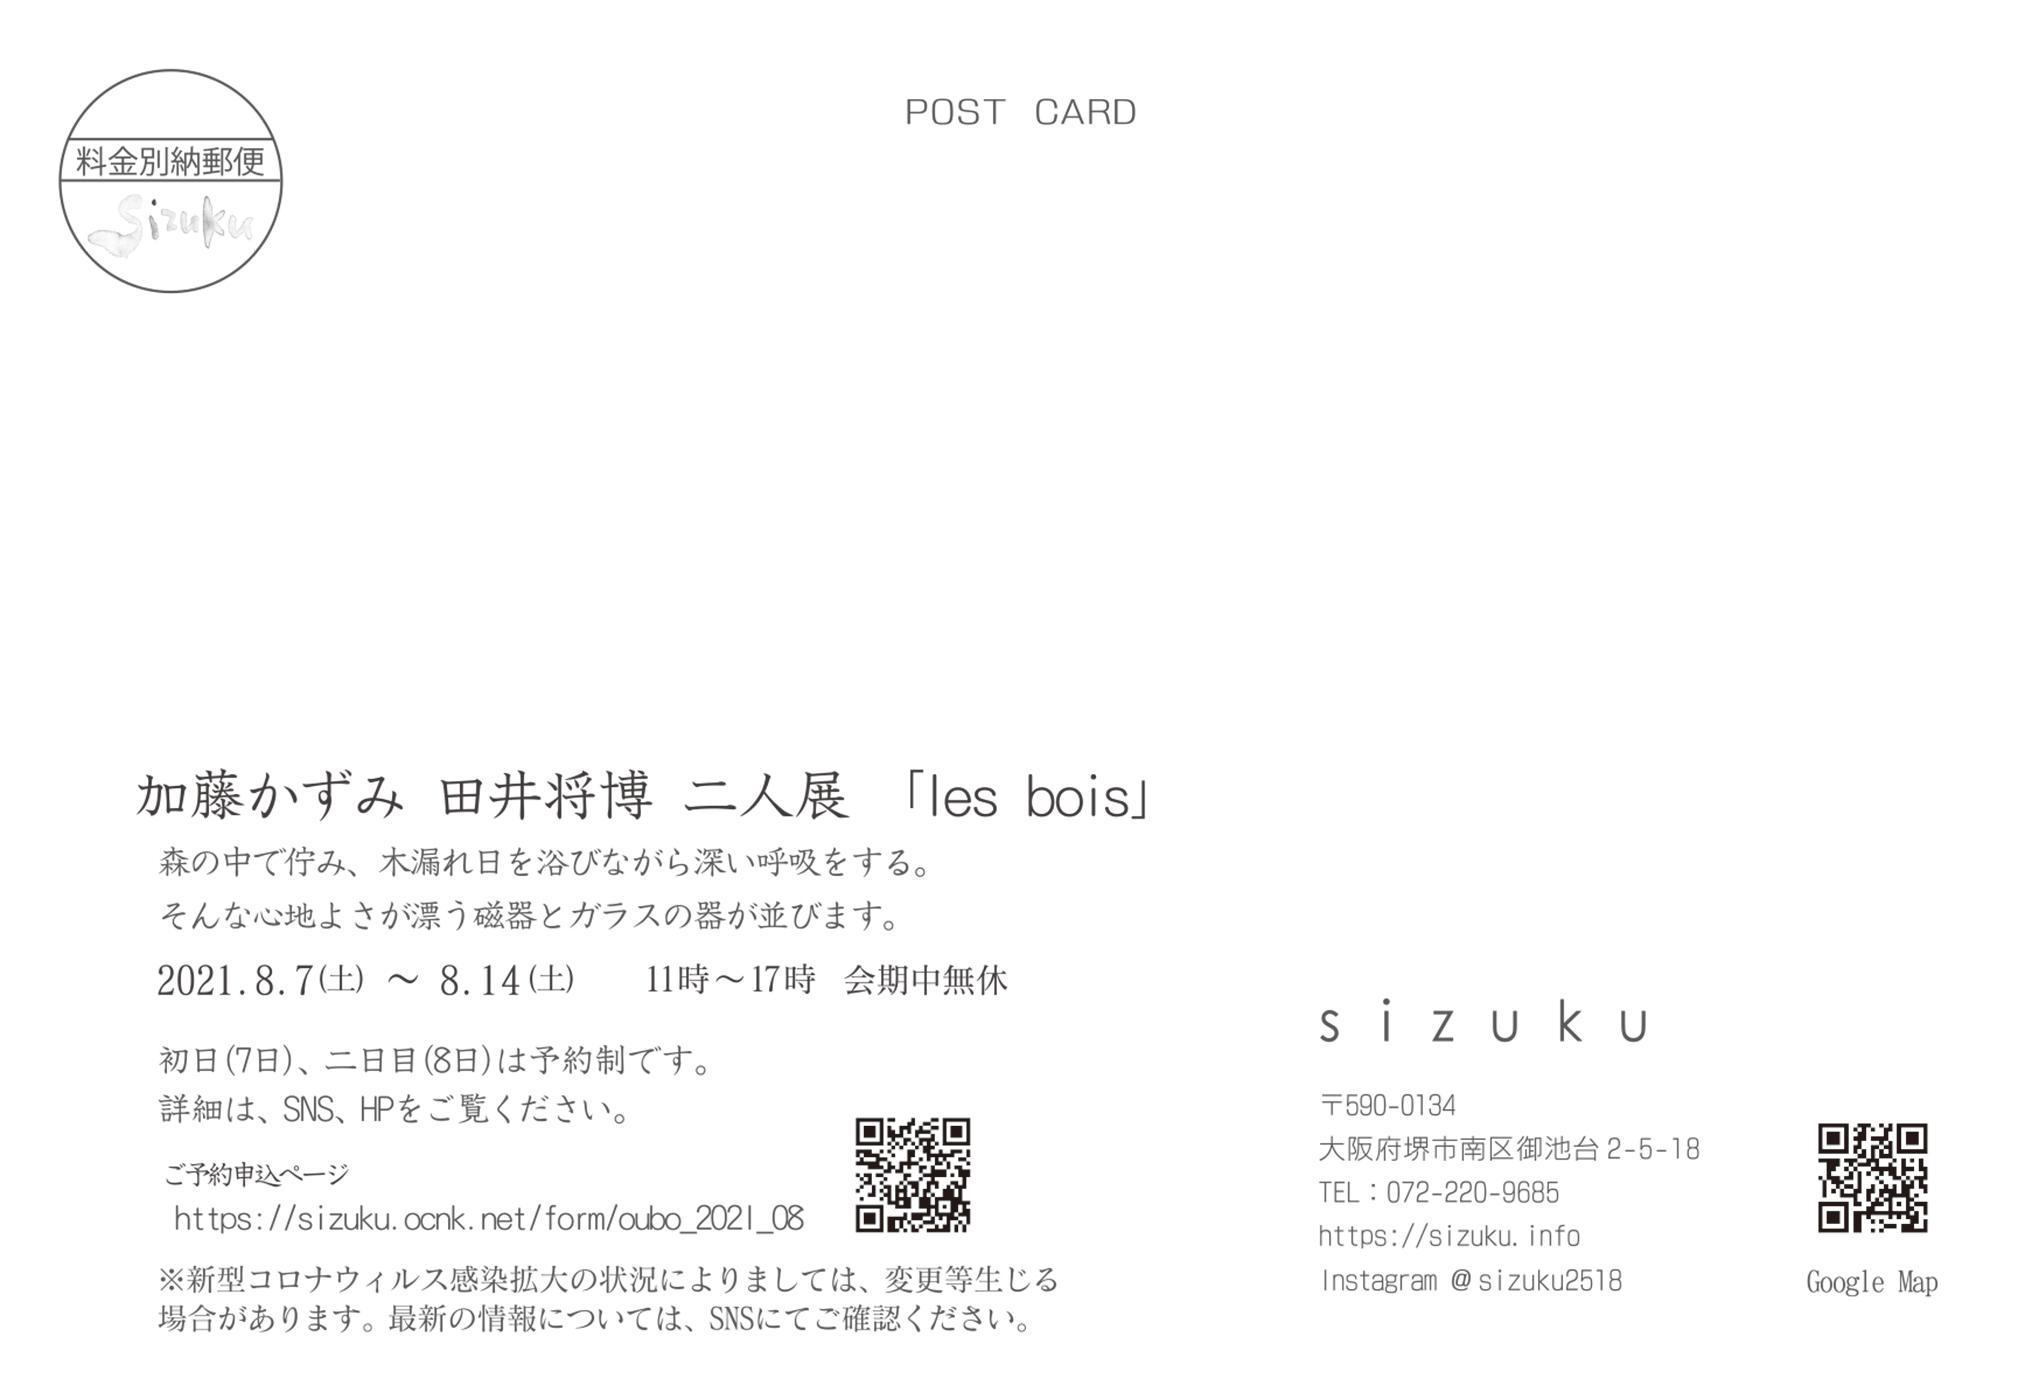 「加藤かずみ 田井将博 二人展」について_e0205196_12003651.jpg